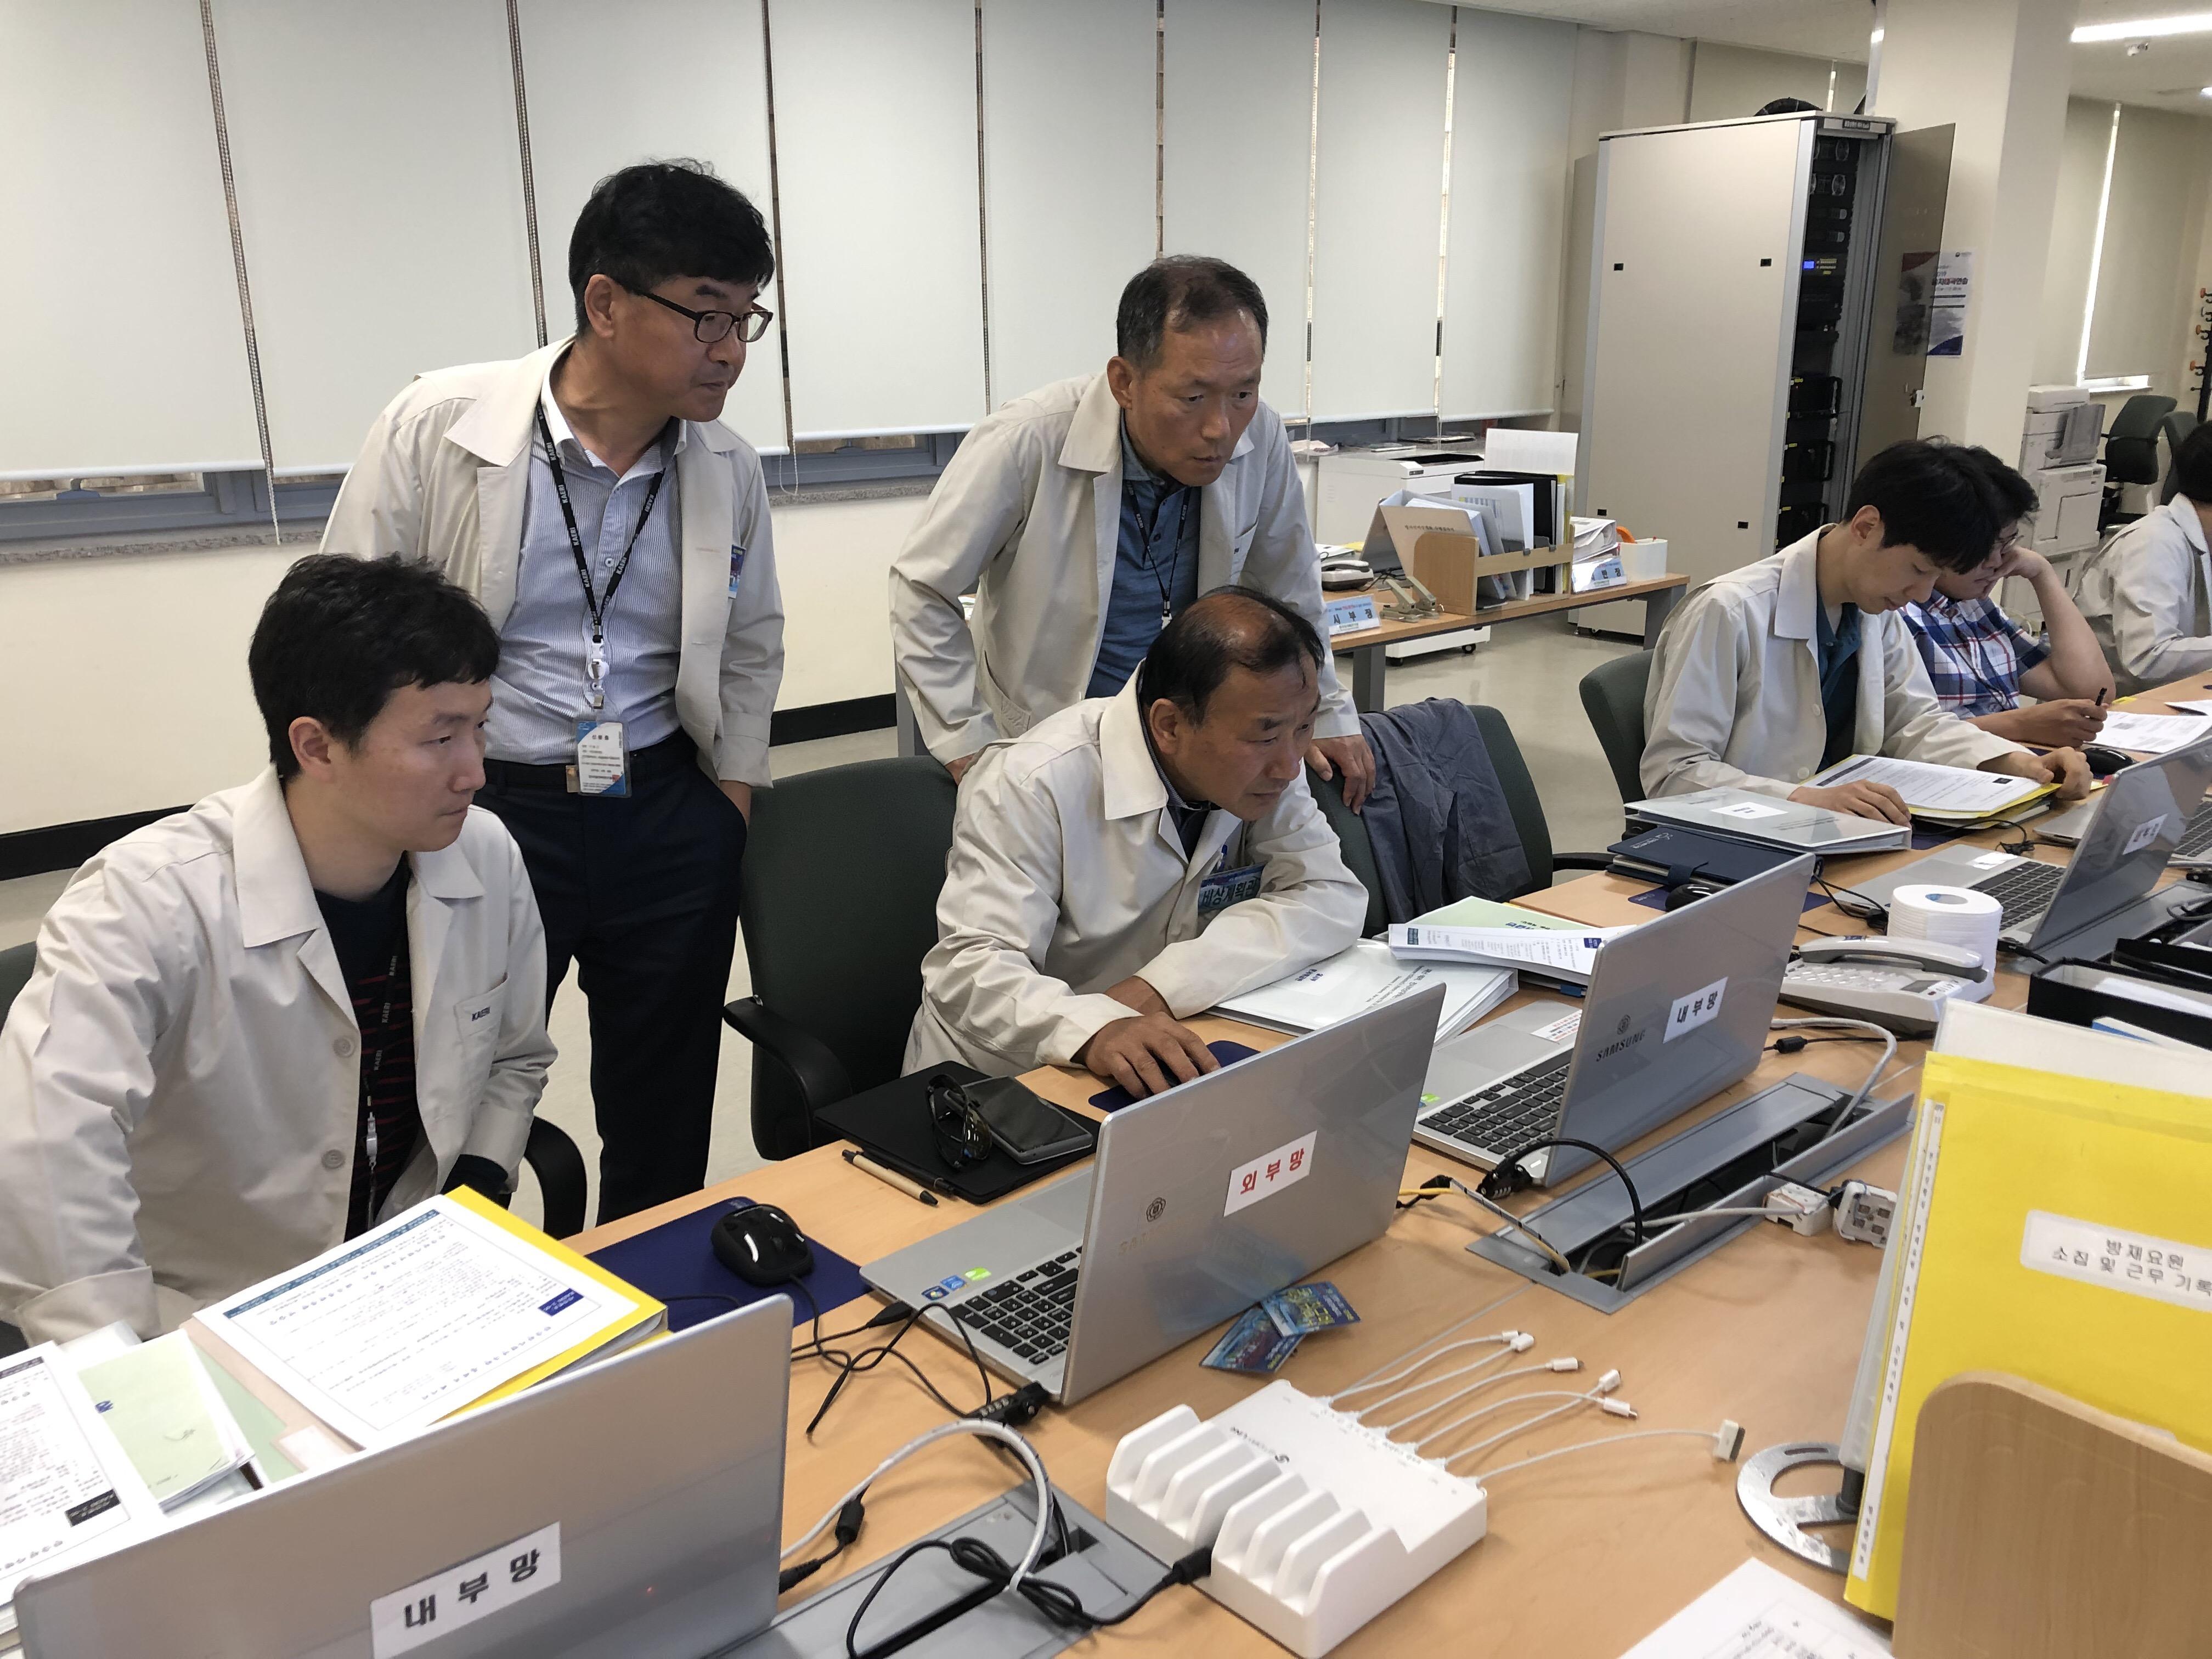 사진3 - 연구원 직원들이 재난종합상황실에서 재난대응조치를 하고 있다